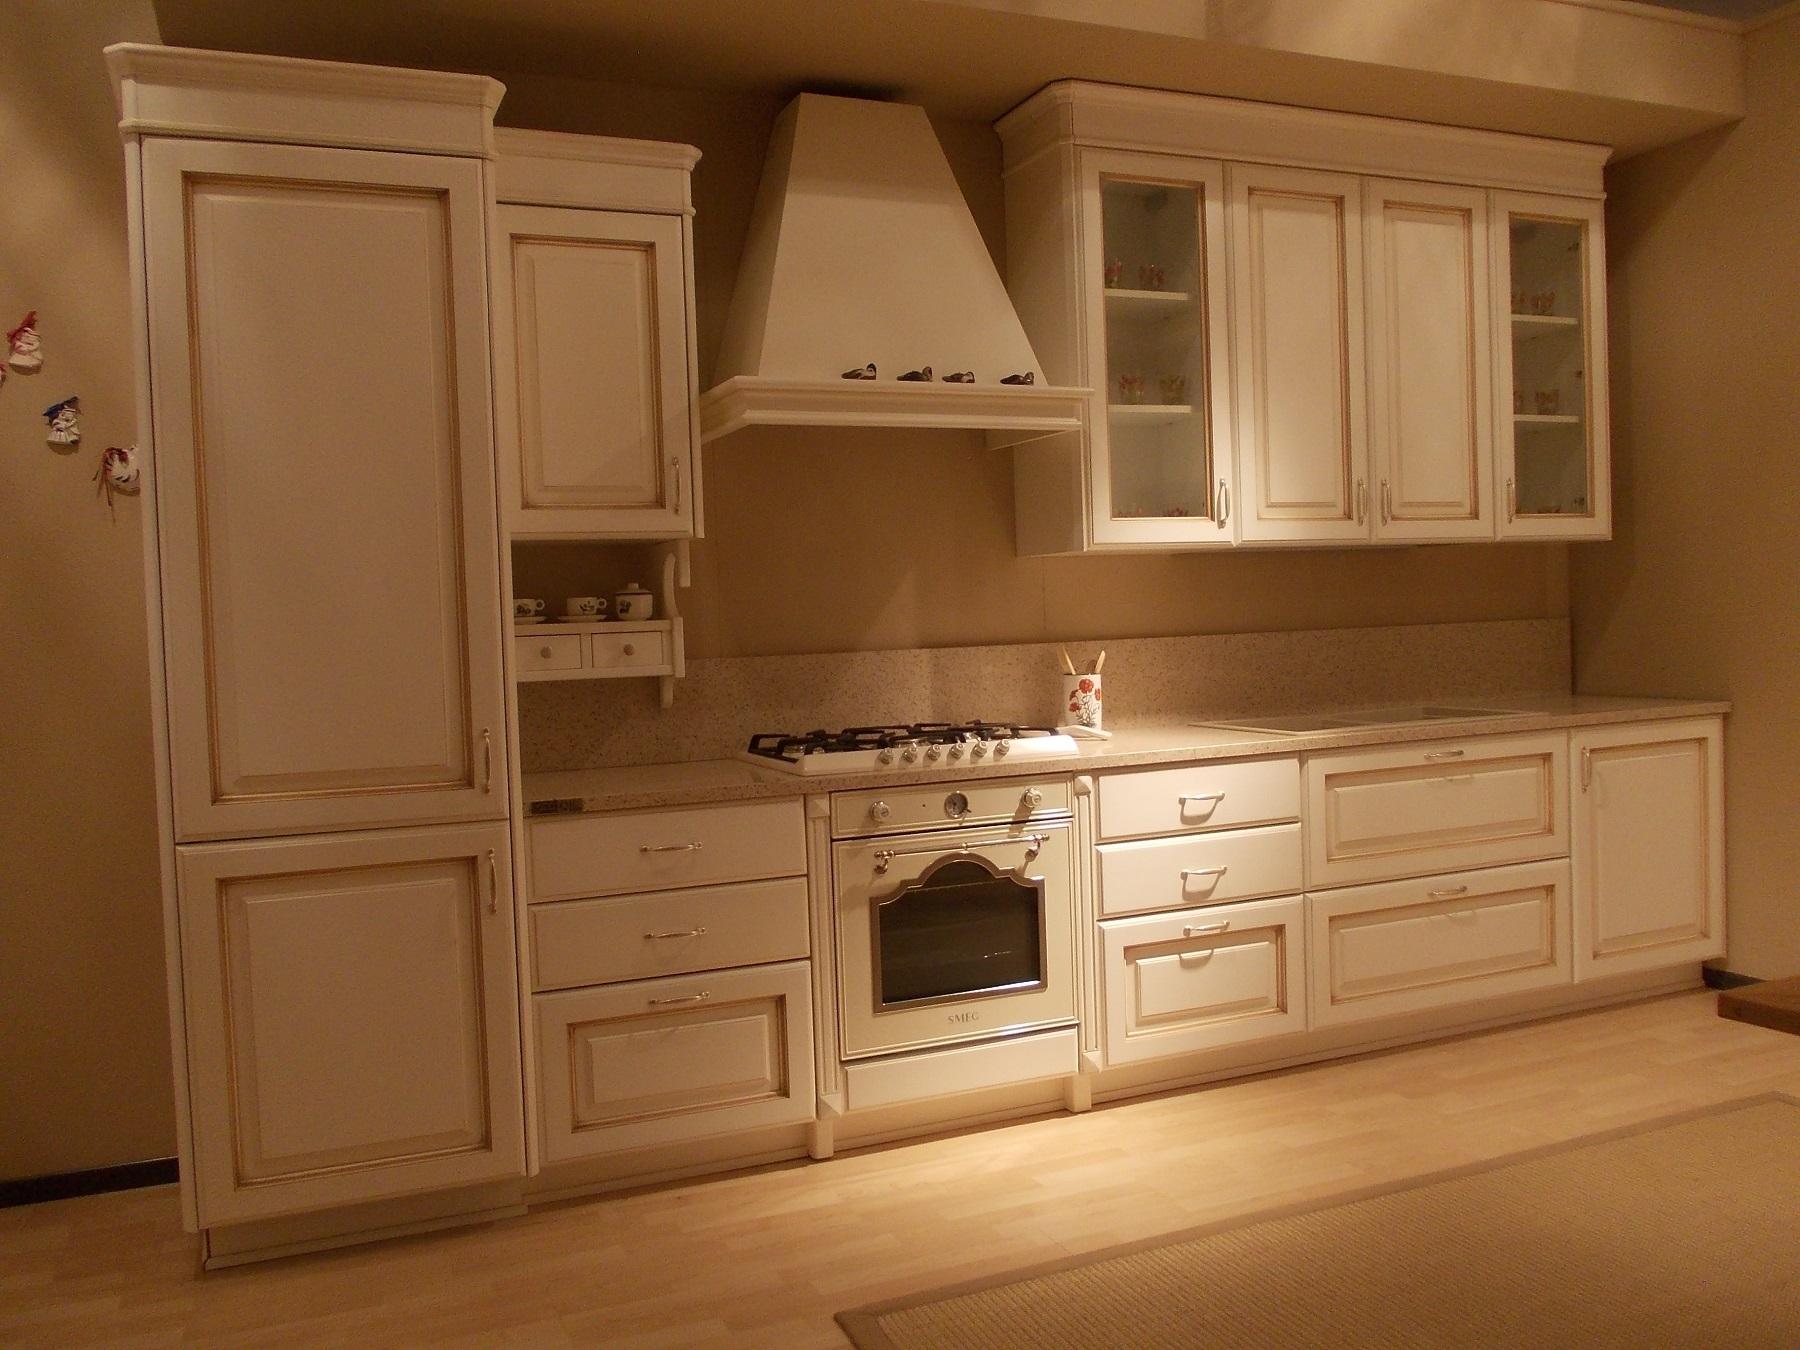 Cucina carma cucine modello iride classica laccate opaco - Forno per cucina componibile ...